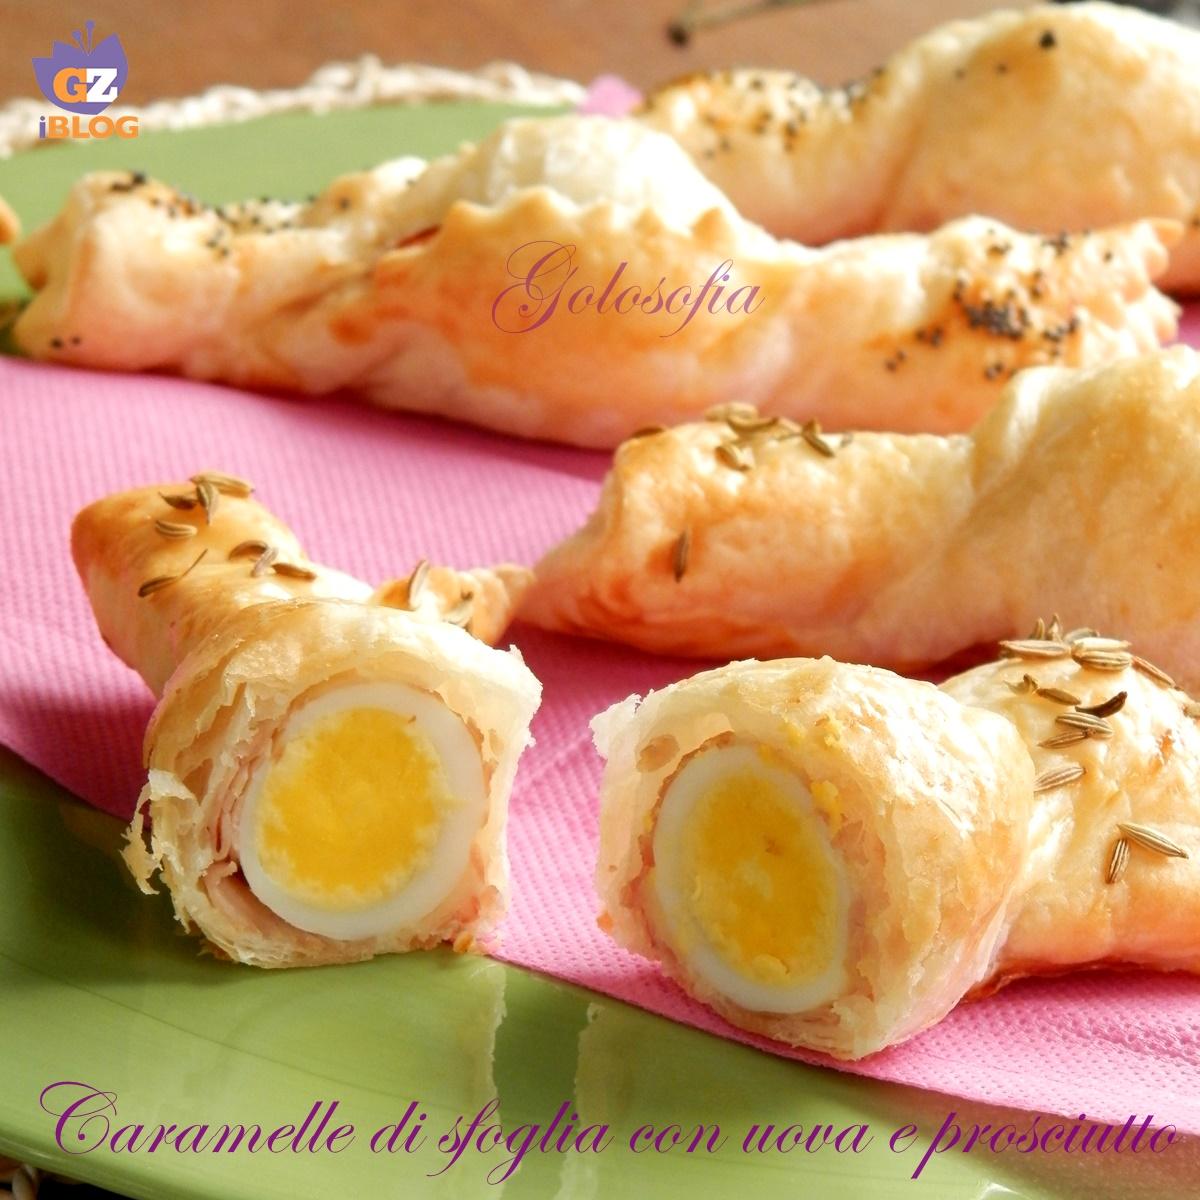 Caramelle di sfoglia con uova e prosciutto, ricetta sfiziosa